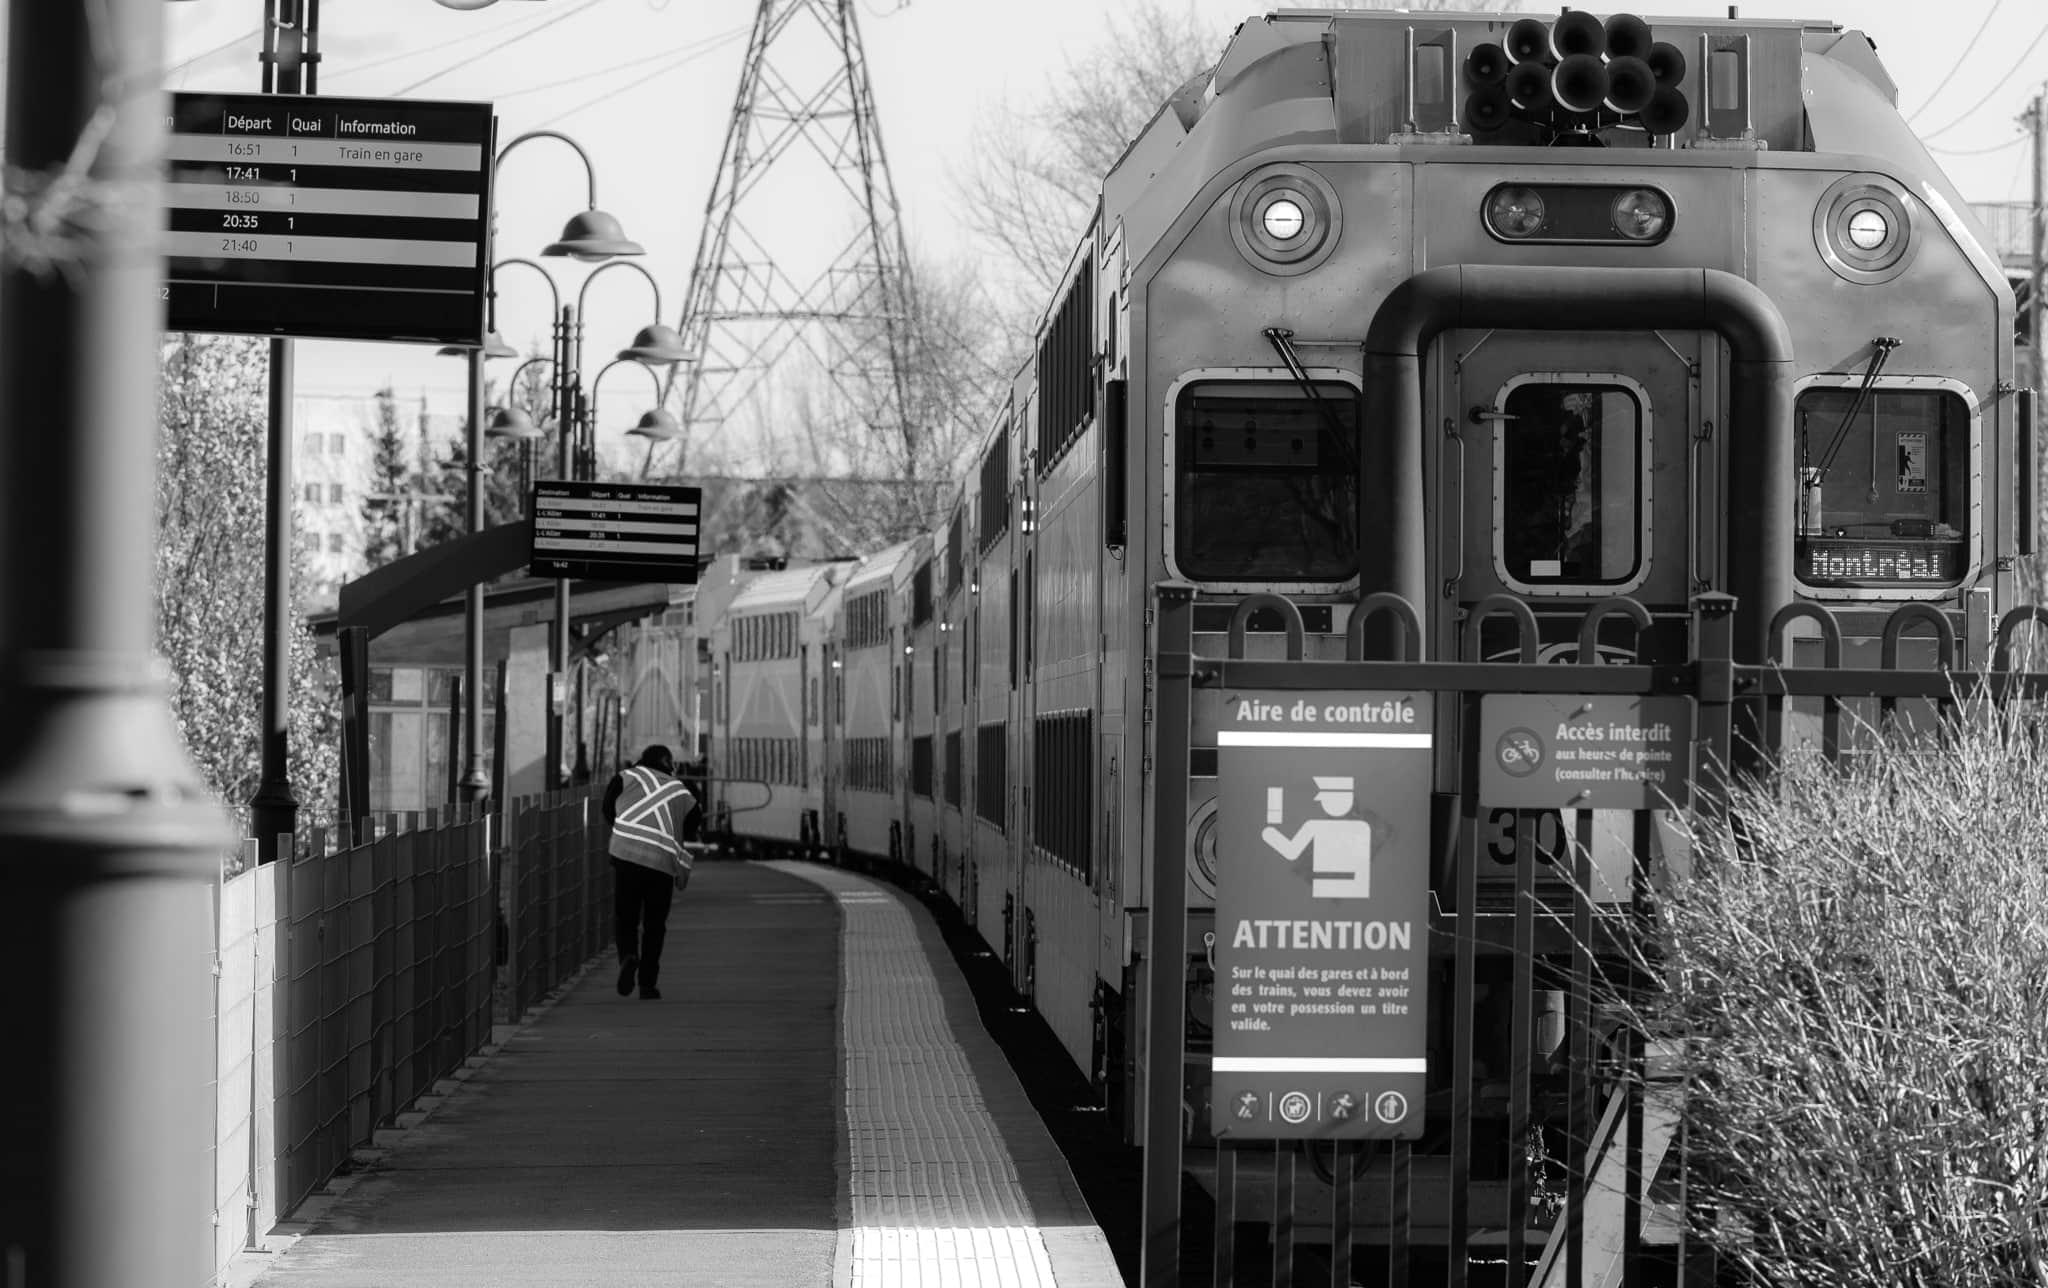 Avec les gens qui craignent la contagion, les nombreux arrêtes de travail et la congestion routière presque nulle, le train de banlieue est pas mal déserté.